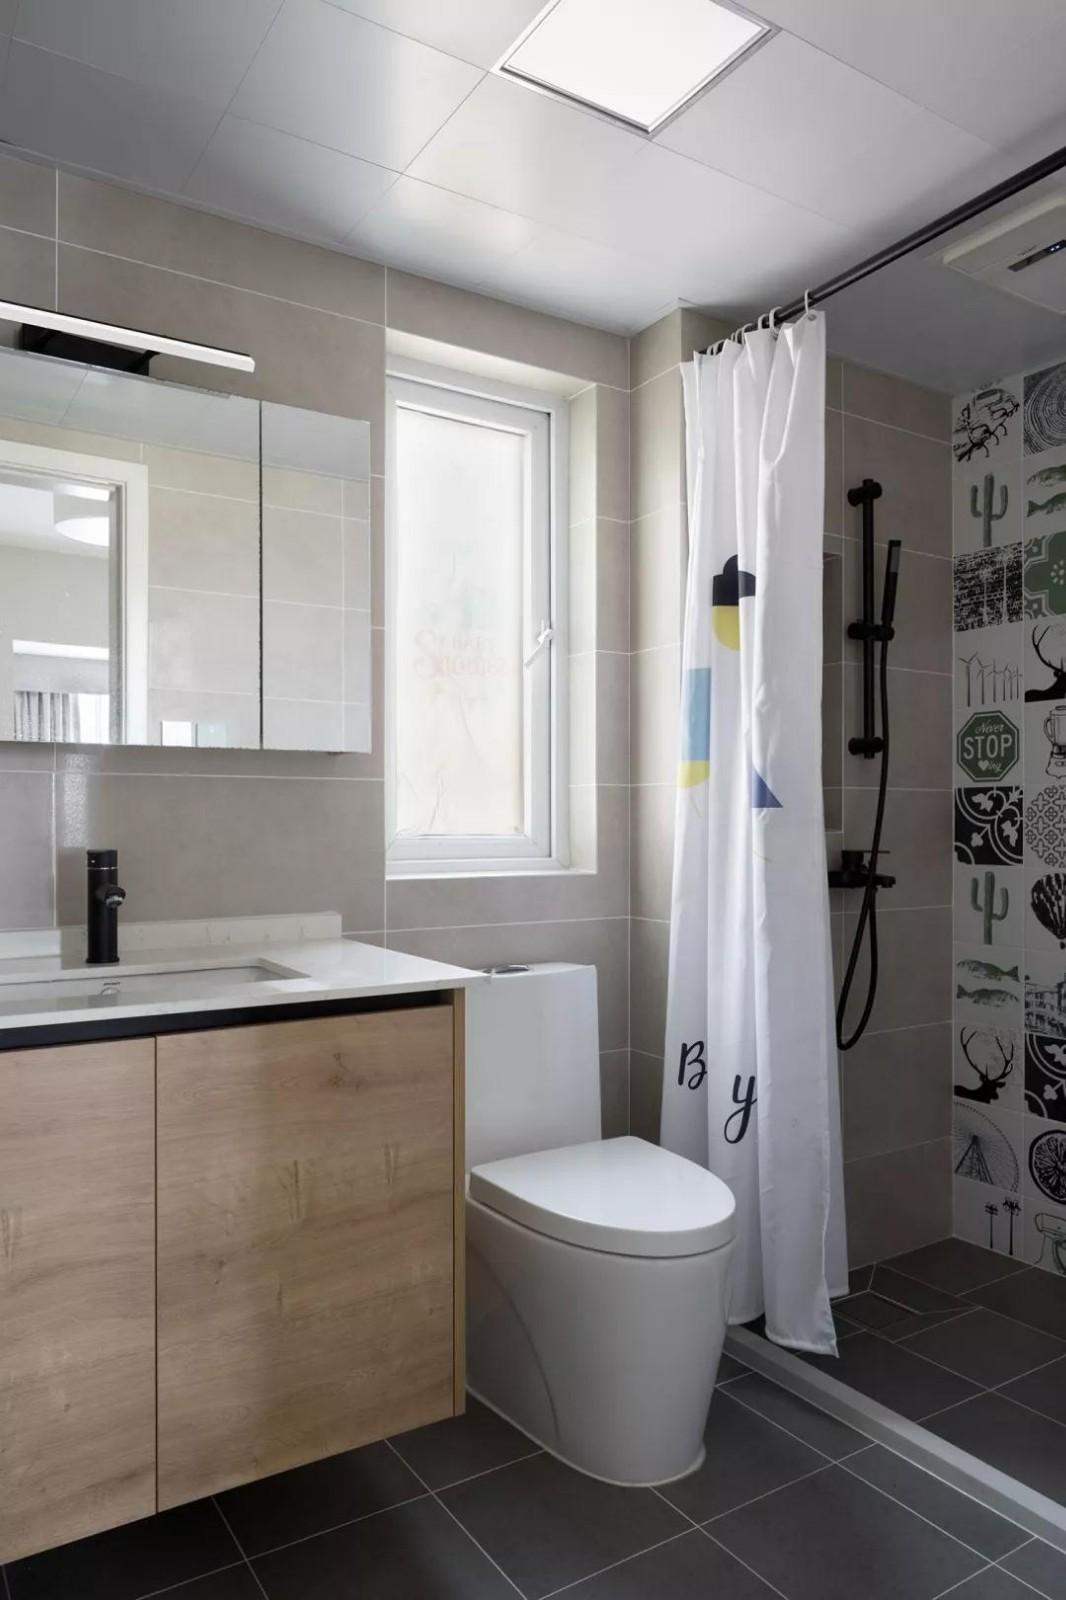 2020欧式卫生间装修图片 2020欧式浴室柜装修图片